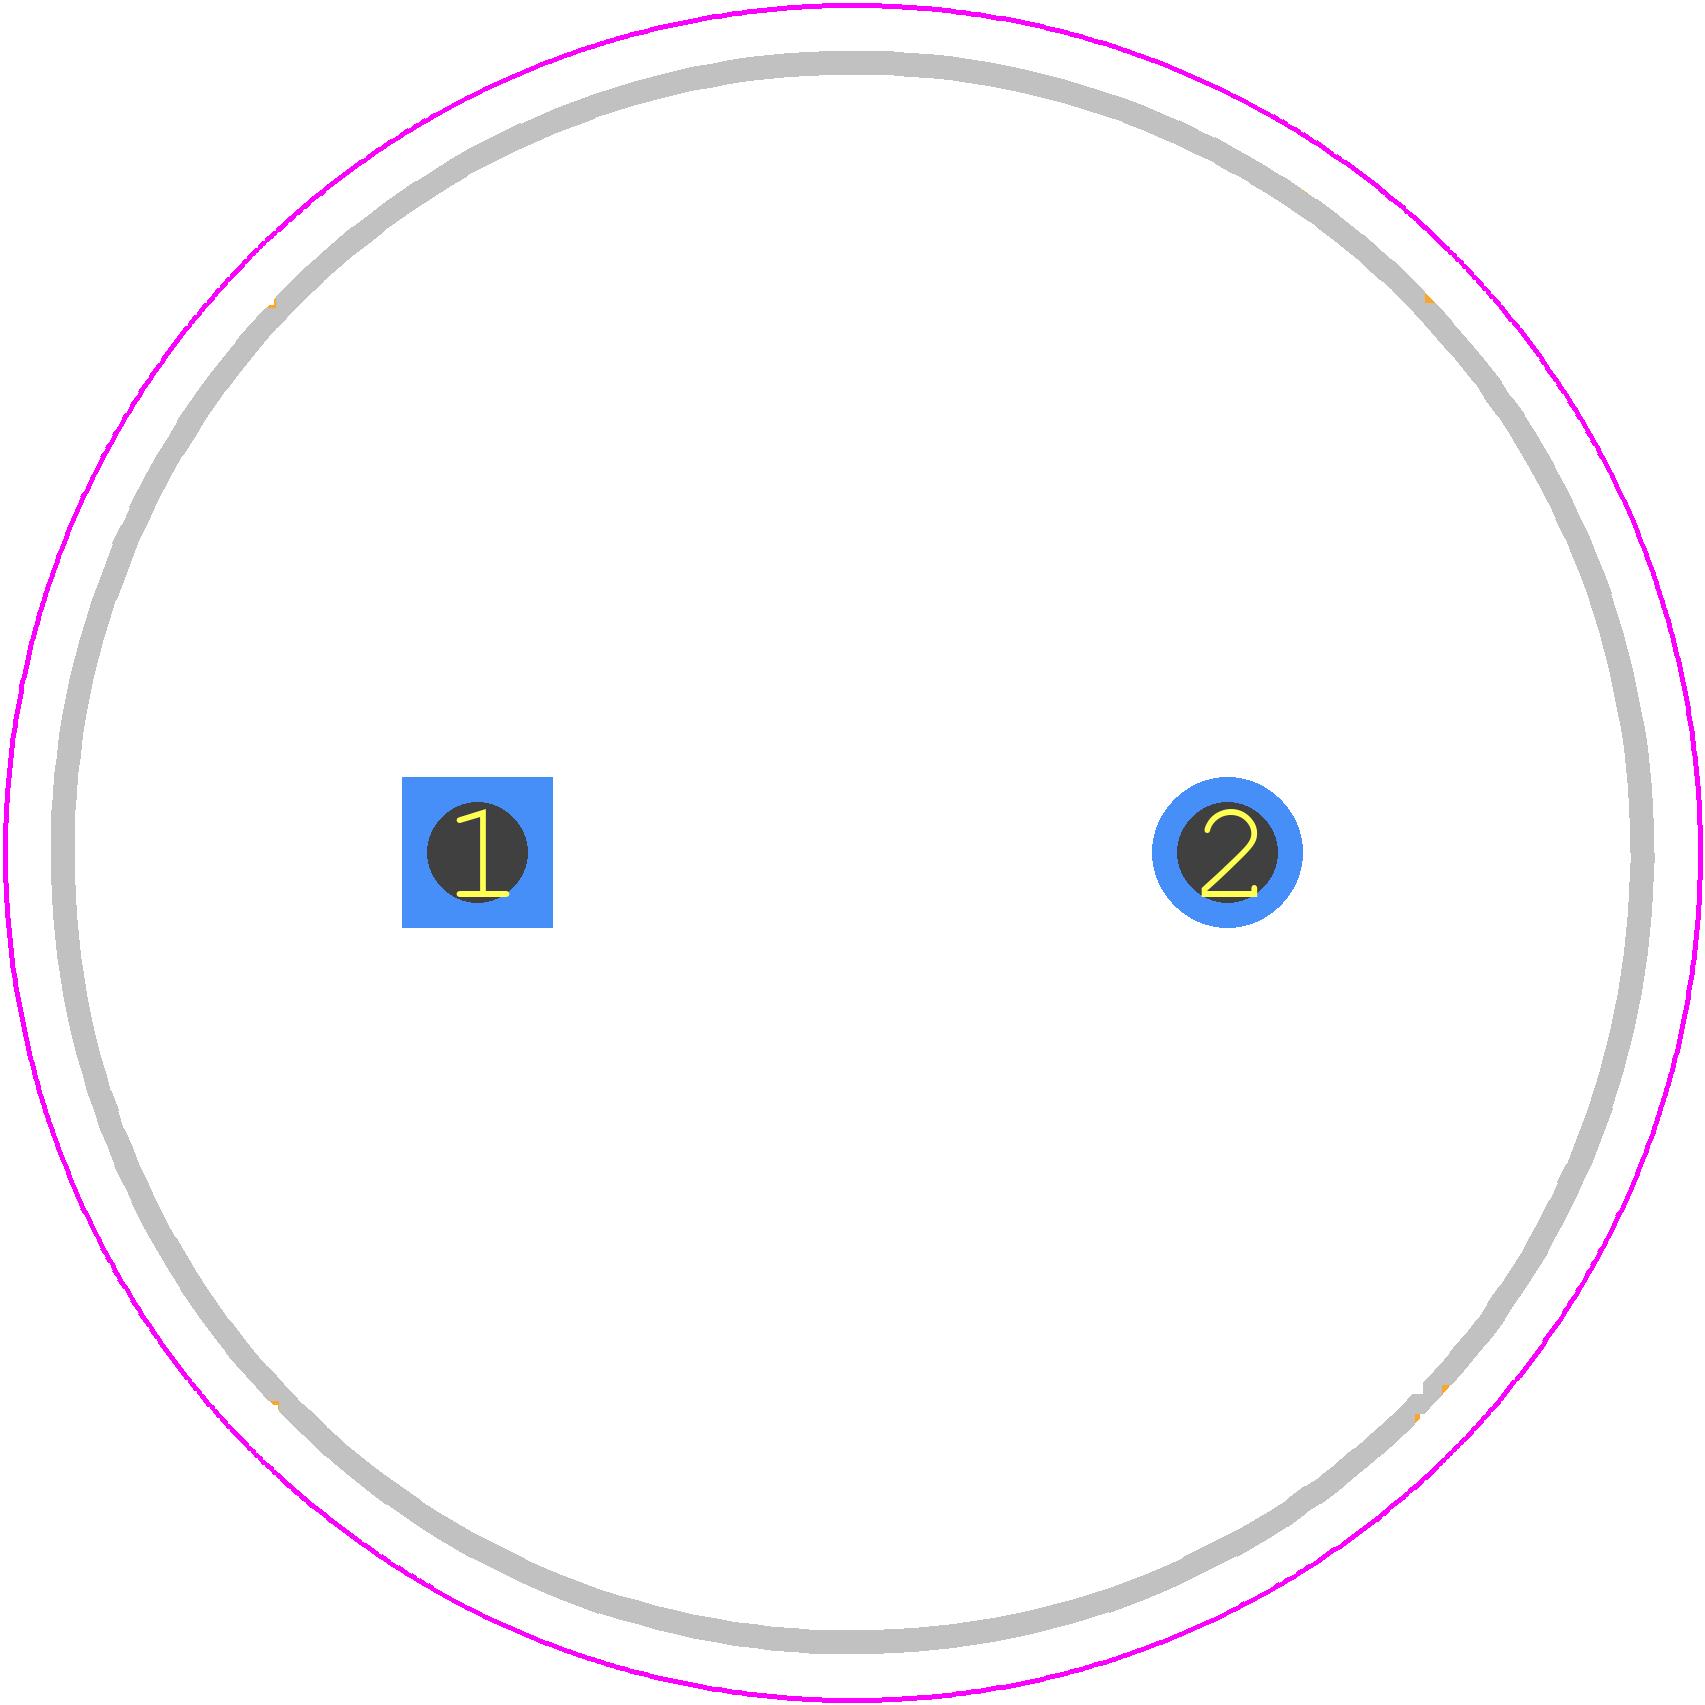 Ucs2w220mhd Nichicon Pcb Footprint Symbol Download